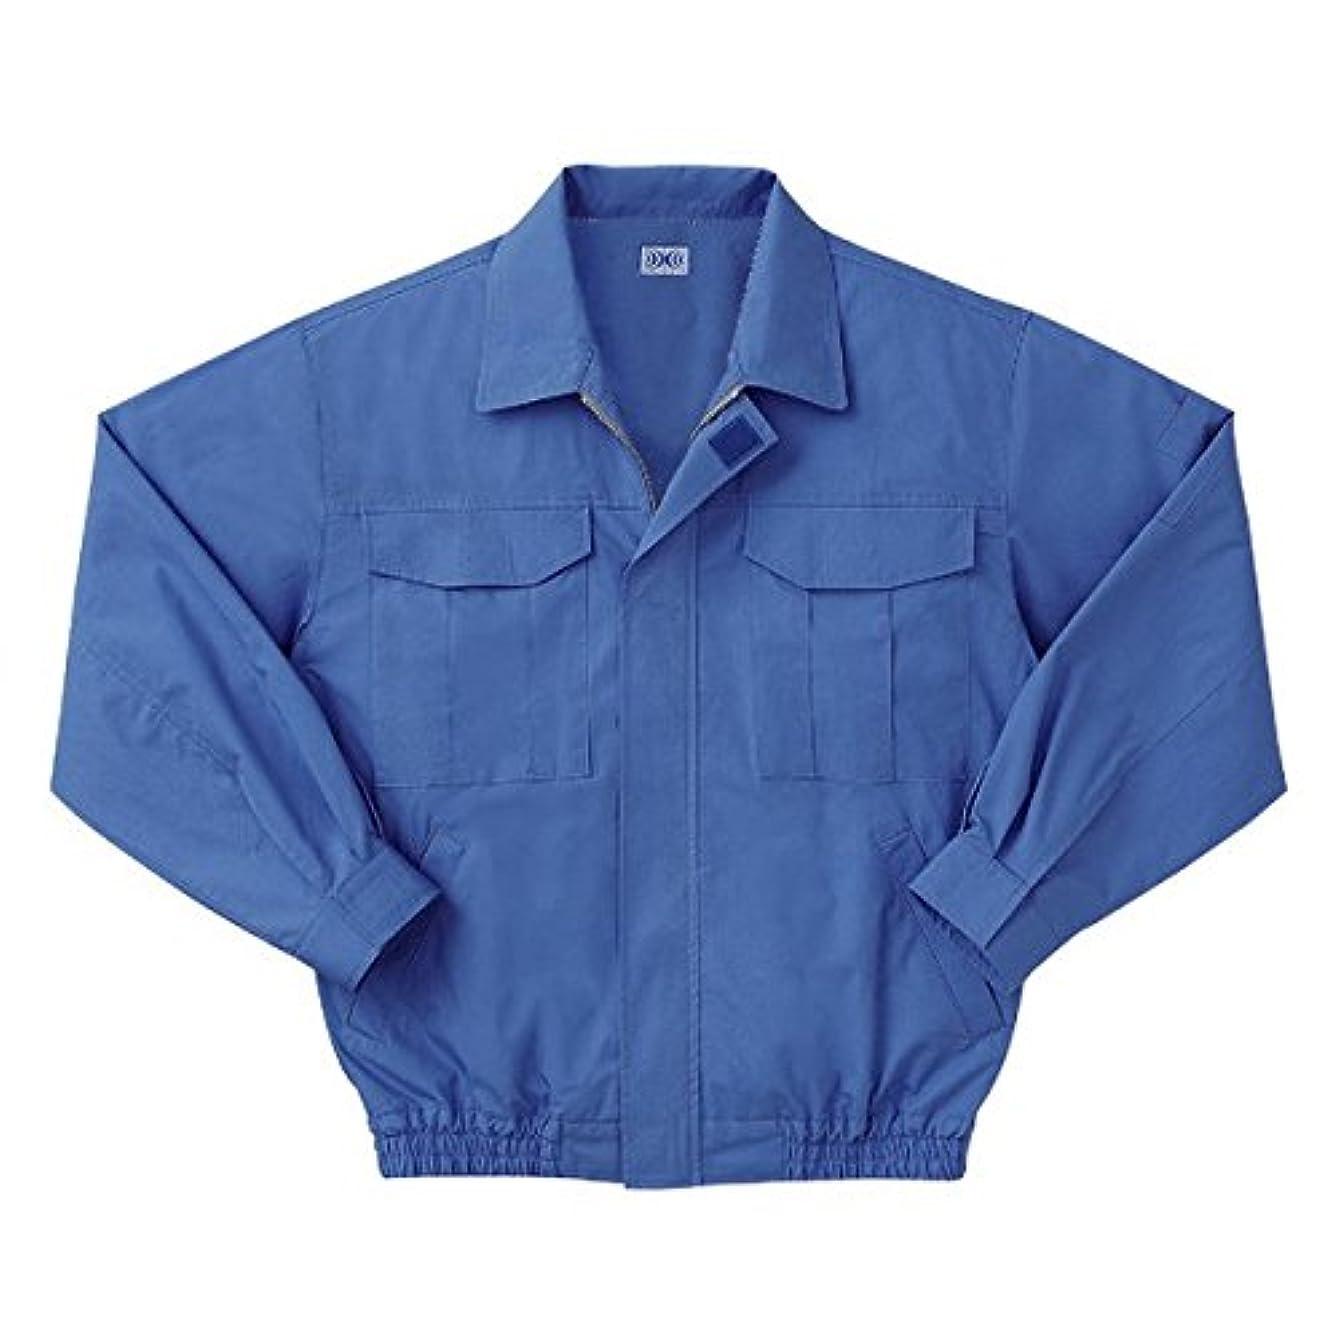 補助構成するあいまいな空調服 綿薄手長袖作業着 M-500U (カラーライトブルー: サイズL) 電池ボックスセット